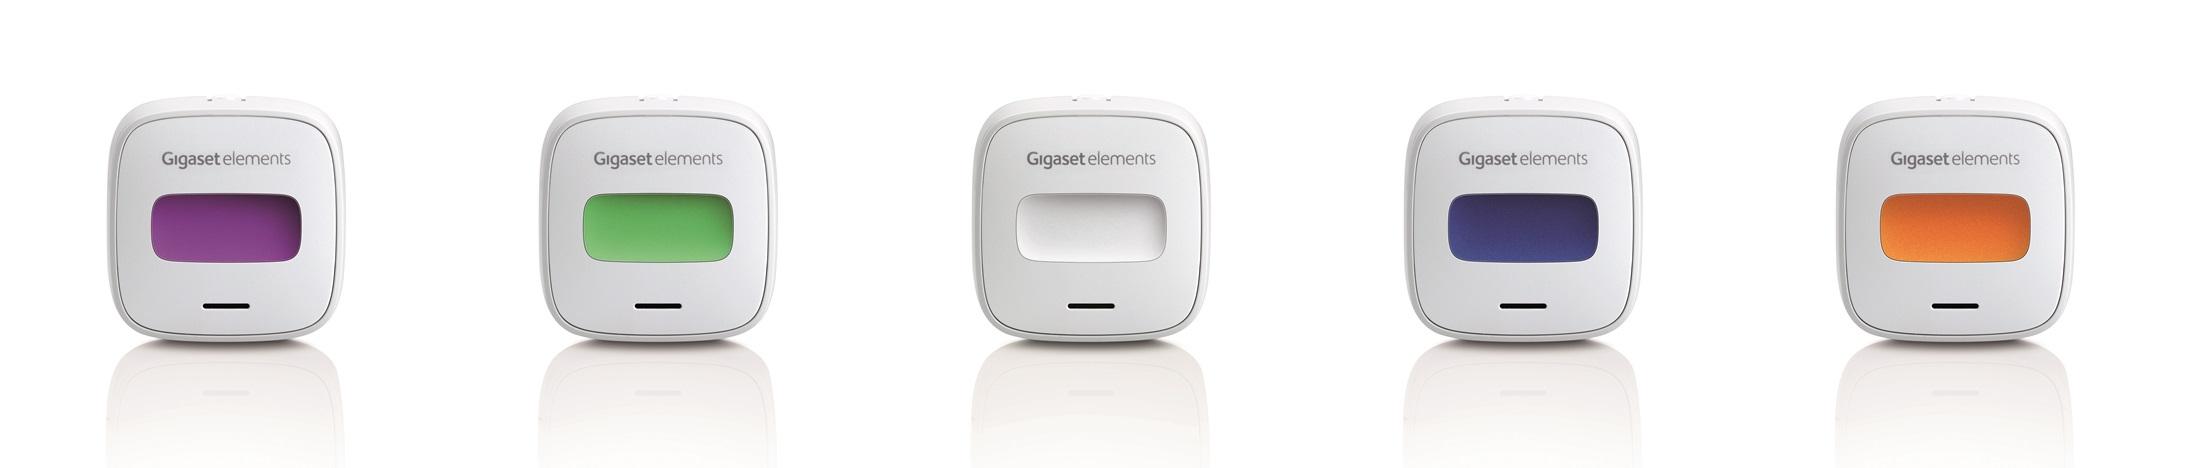 elements button bietet verschiedene Farben